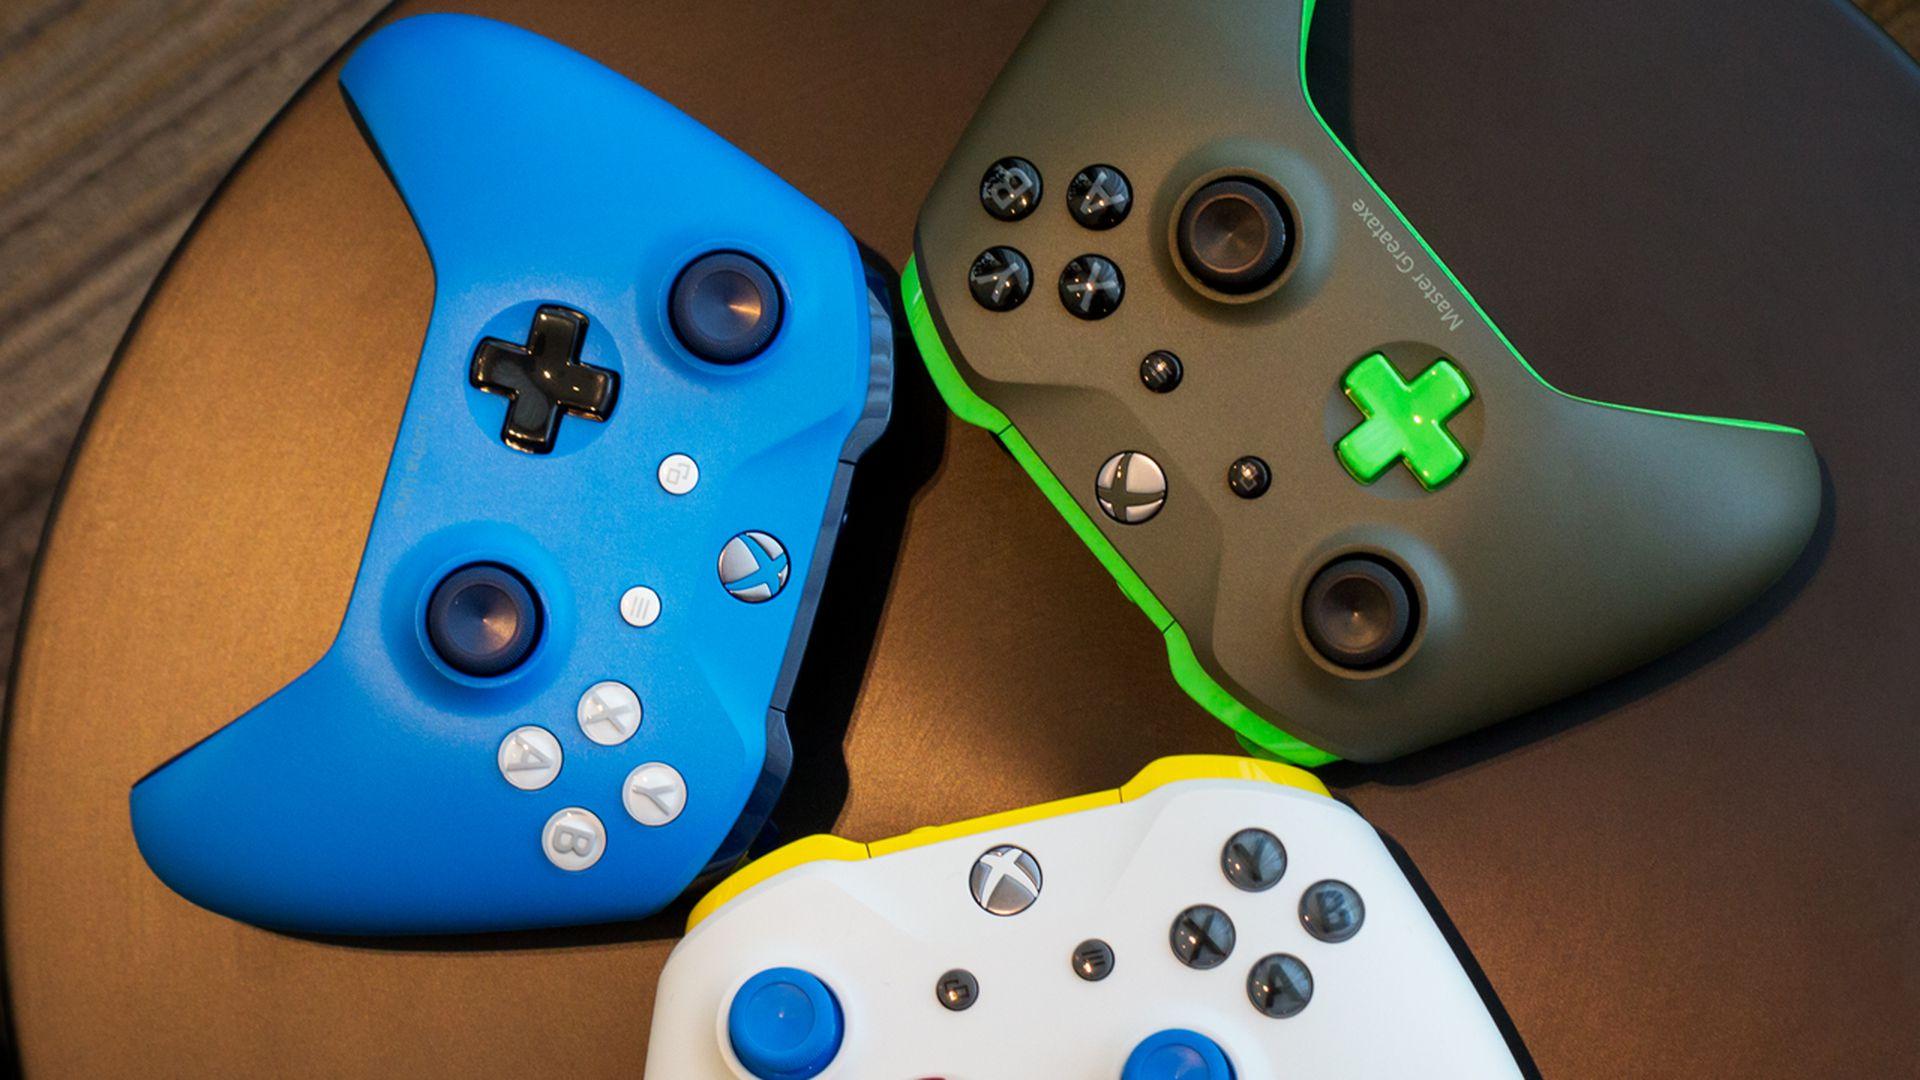 مایکروسافت عرضه آداپتور جدید Xbox را به 2018 موکول کرد